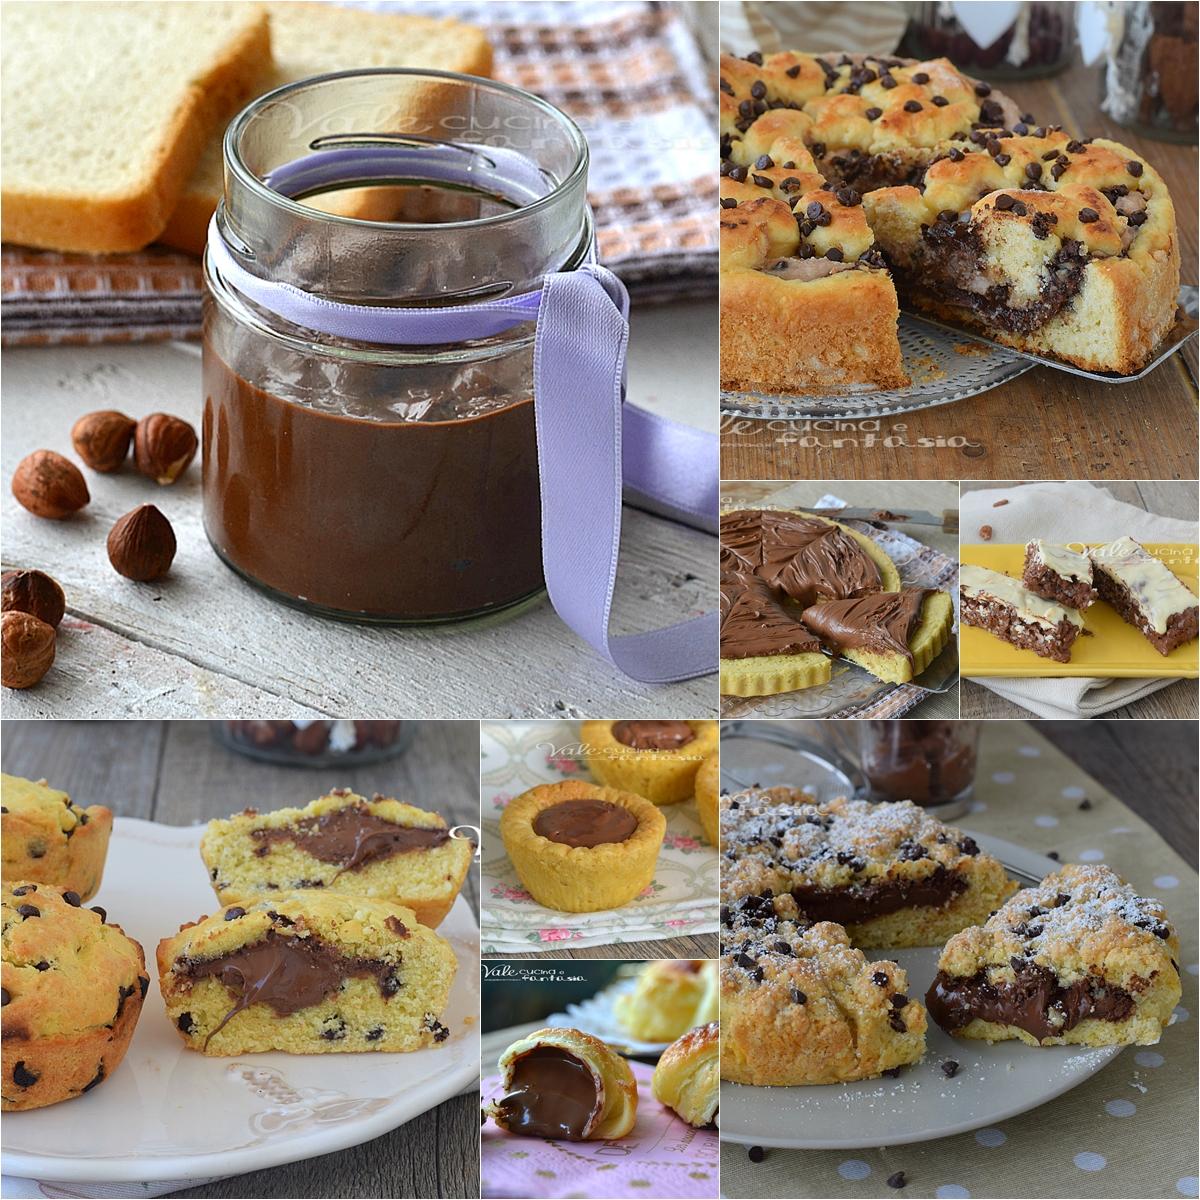 Dolci alla nutella ricette facili veloci economiche for Ricette facili dolci